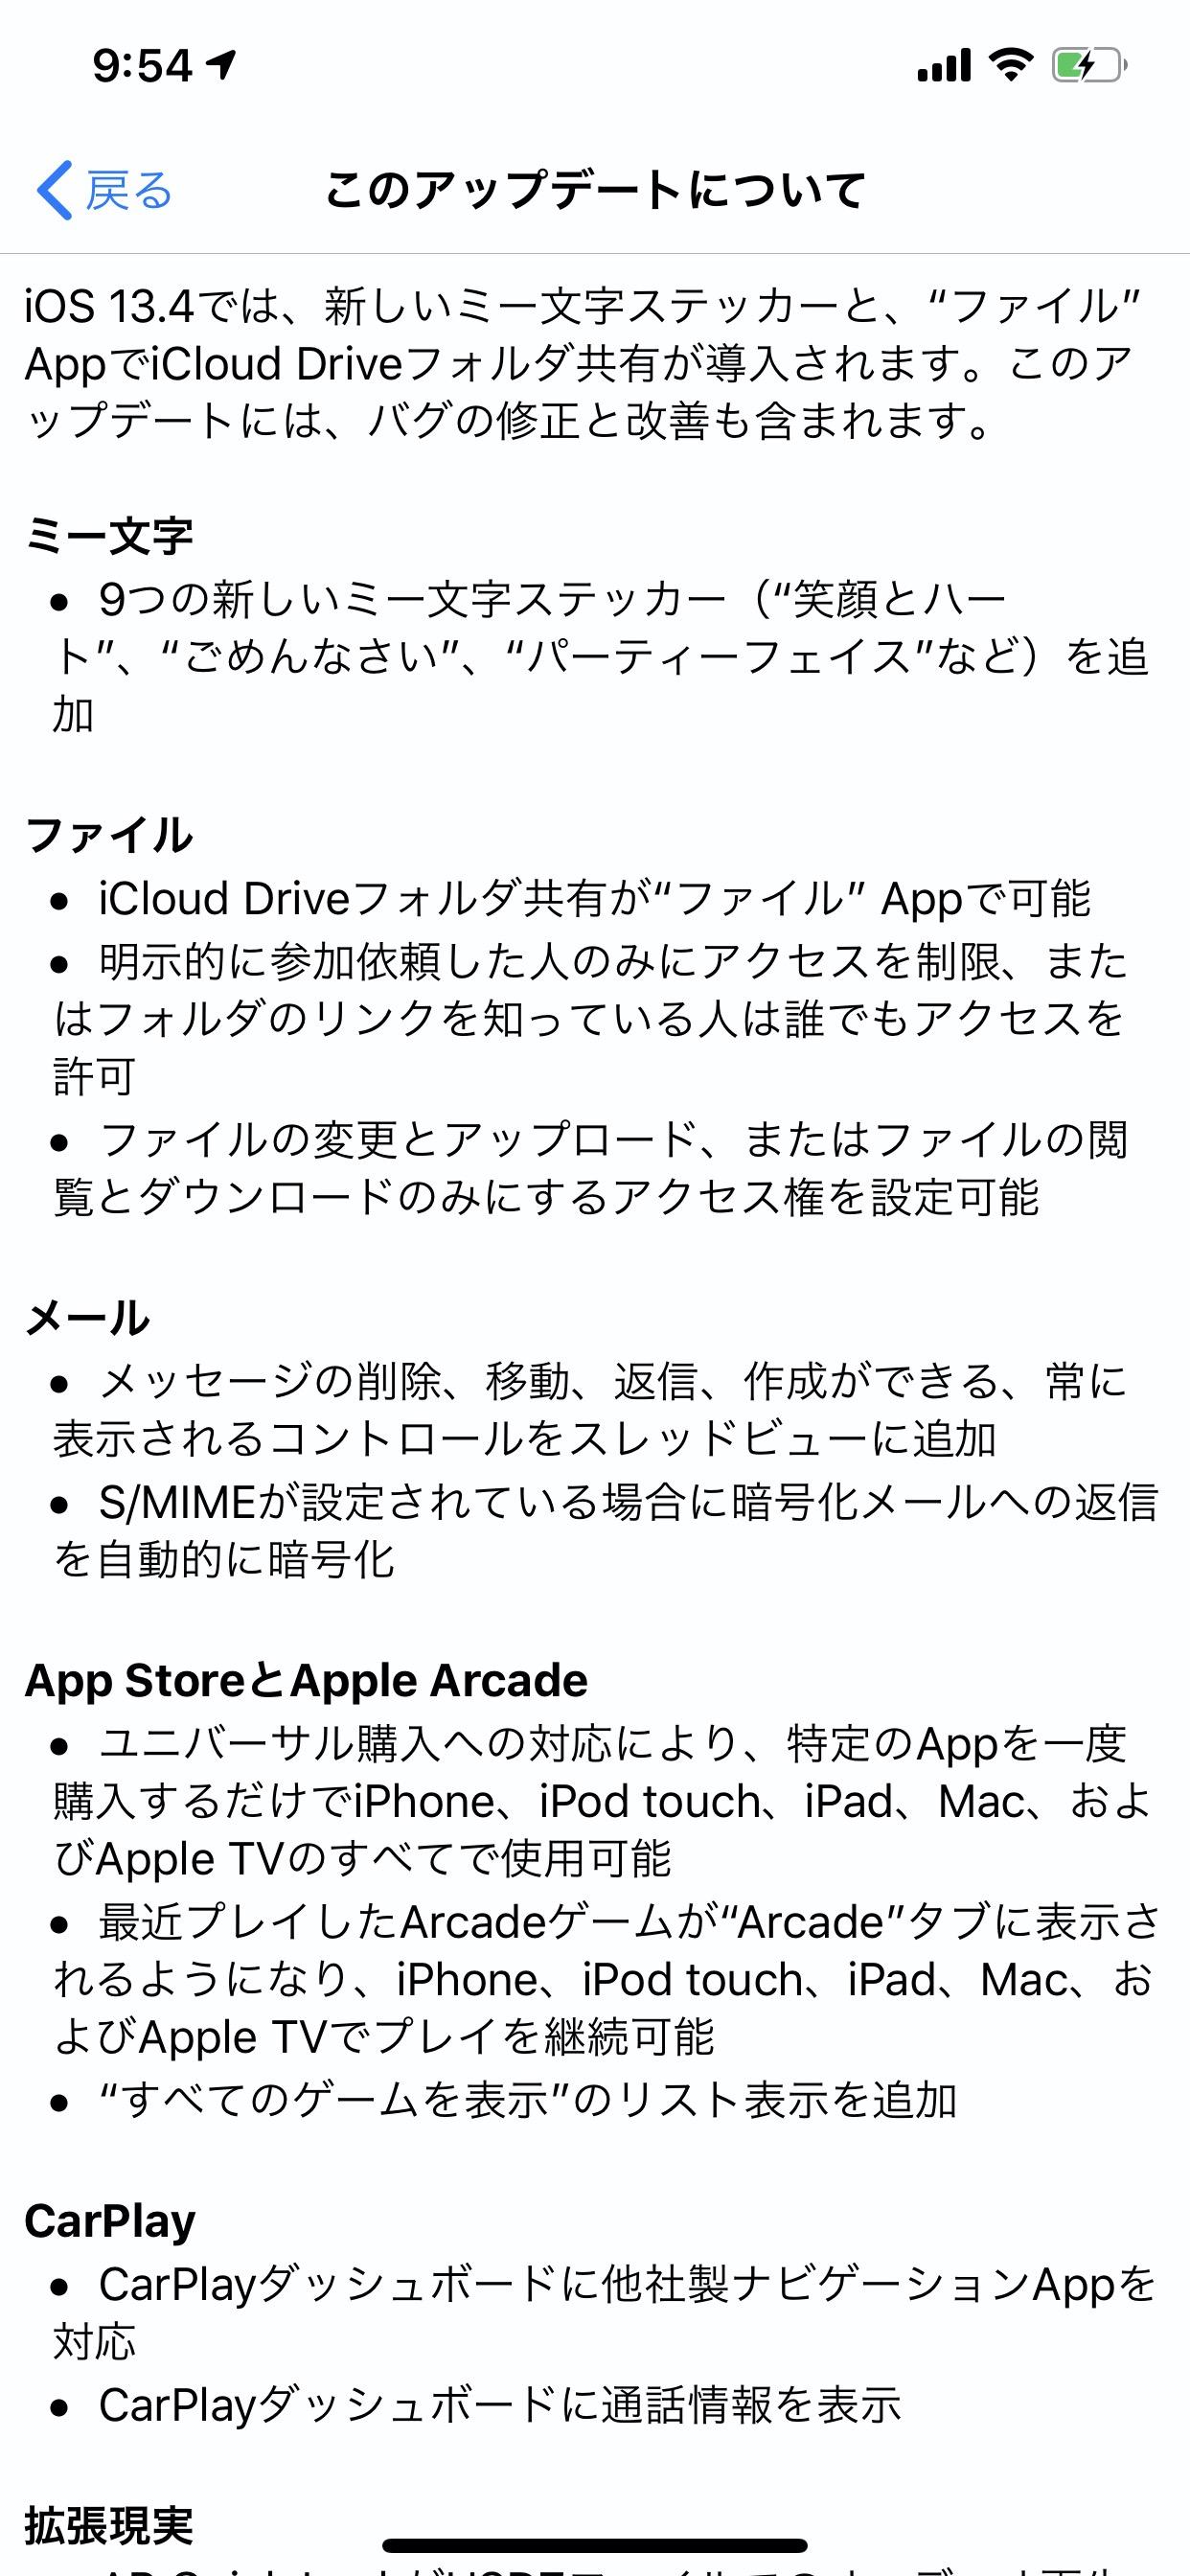 【iOS 13】ファイルAppでiCloud Driveフォルダ共有や新しいミー文字ステッカーが導入される「iOS 13.4」ソフトウェアアップデートリリース